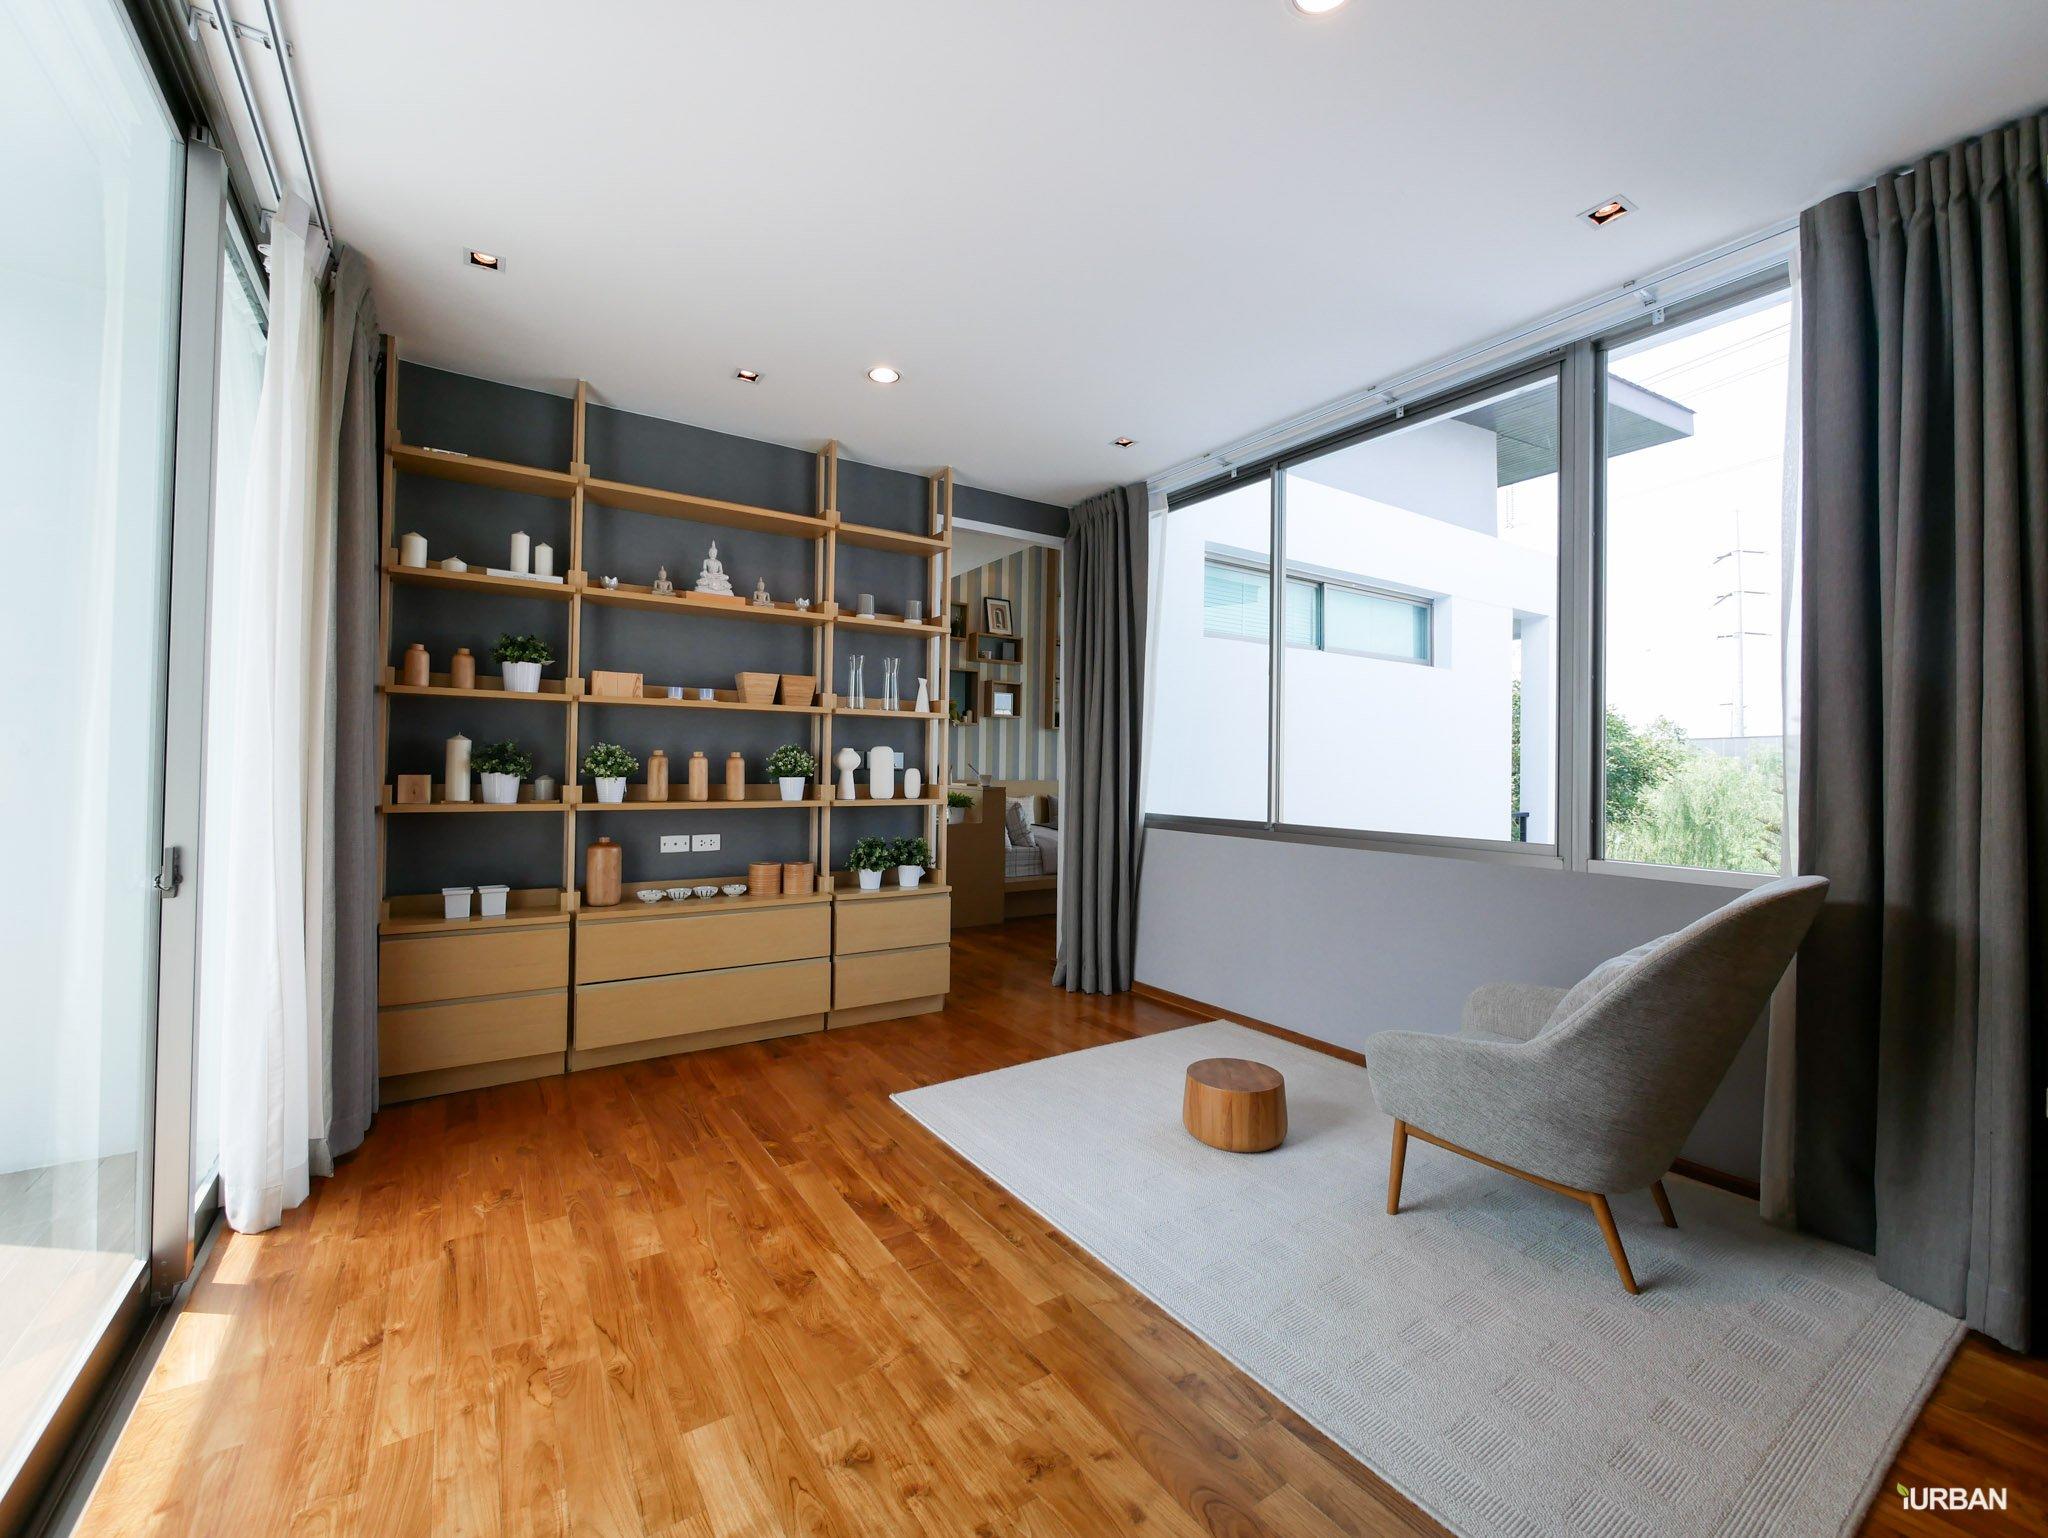 รีวิว Nirvana Beyond พระราม 2 บ้านที่ออกแบบทุกดีเทลเพื่อความสุขทุก GEN ของครอบครัวใหญ่ 134 - Beyond